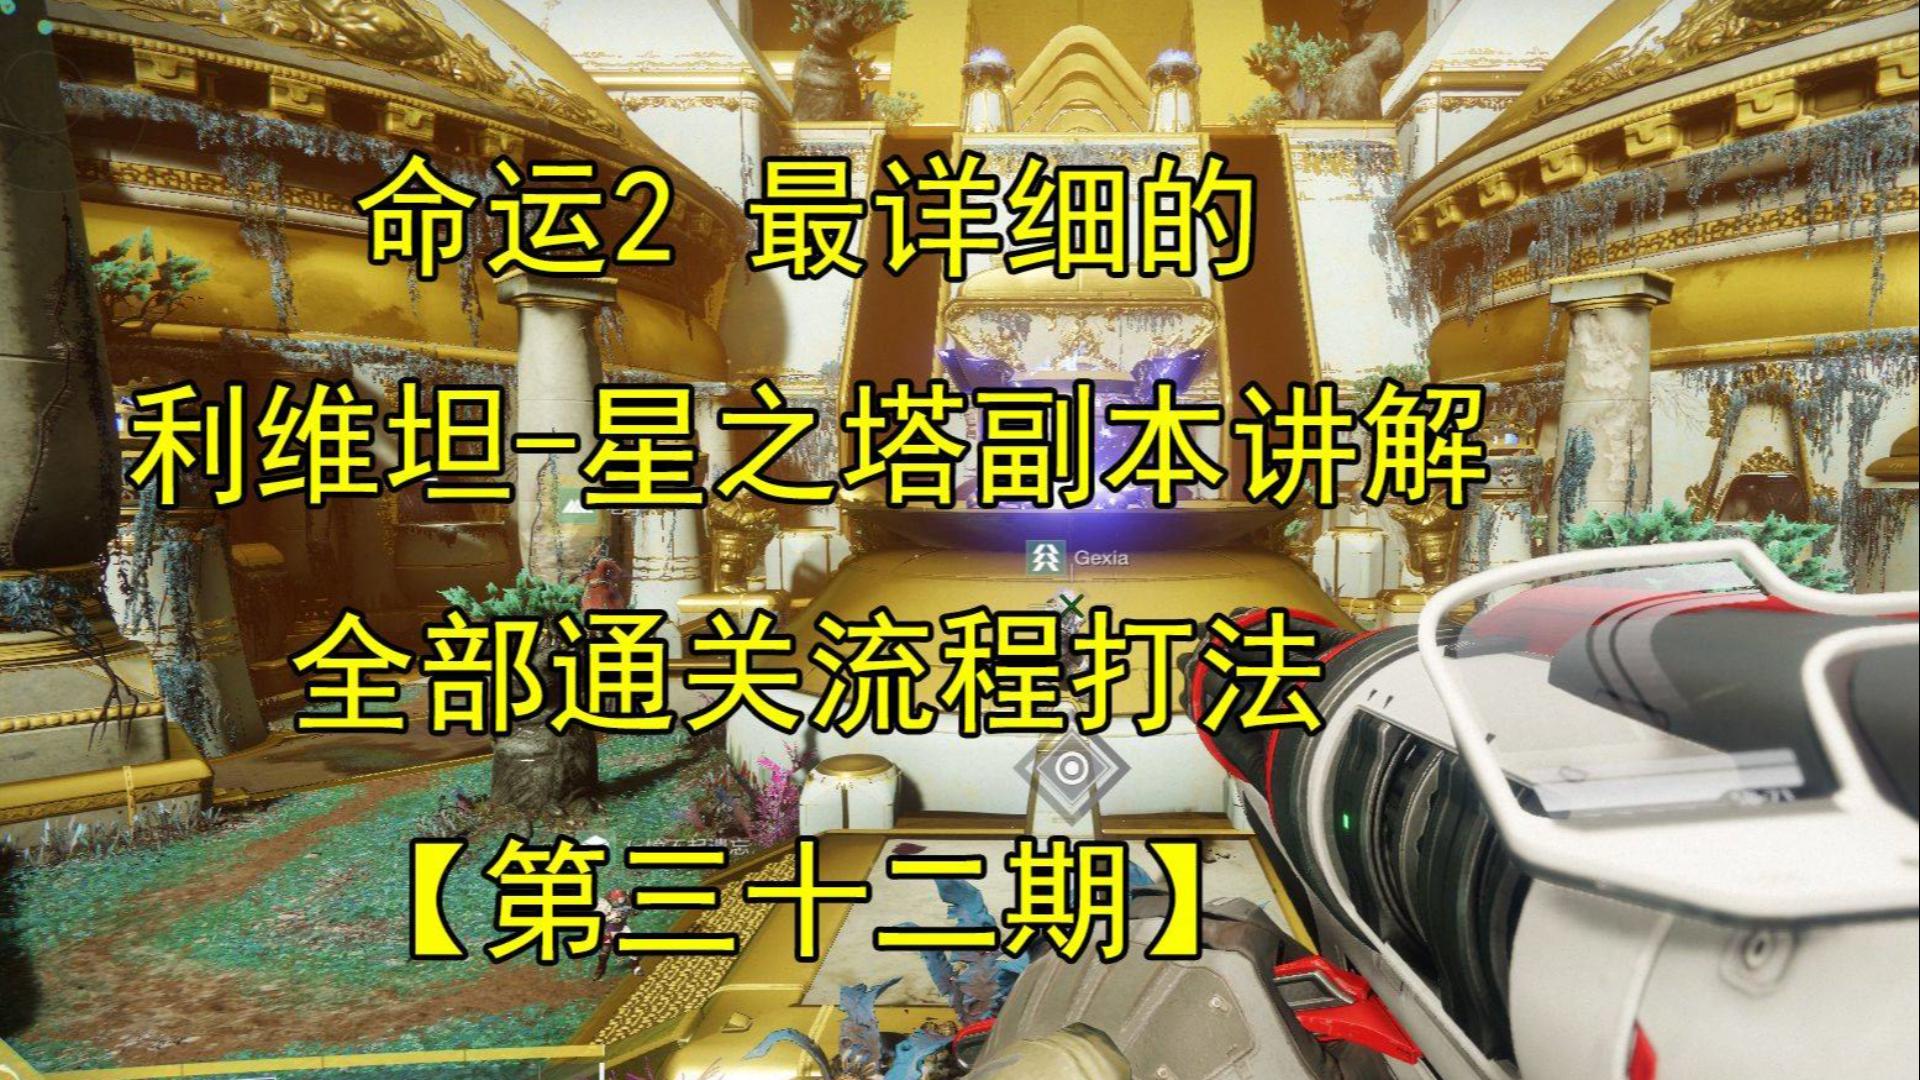 命运2 超详细的利维坦-星之塔副本讲解,全部通关流程打法+boss副官卡欧打法